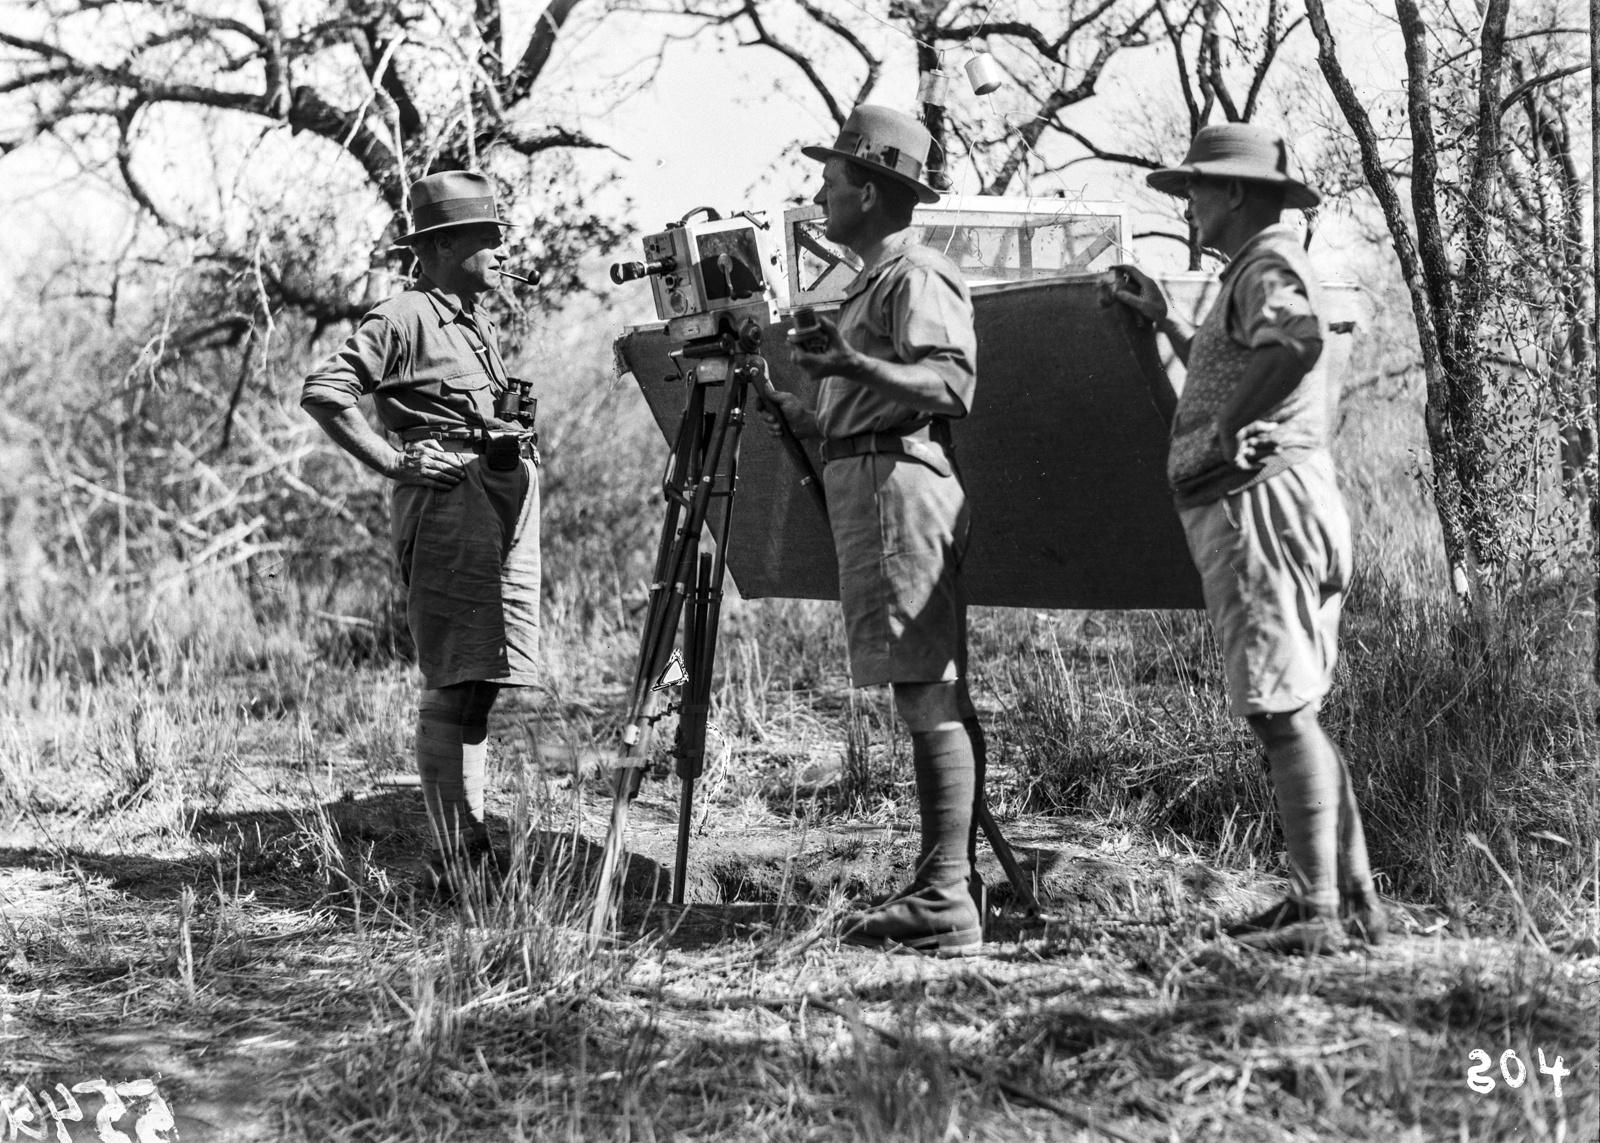 Южно-Африканский Союз. Квазулу-Наталь. Ханс Шомбургк, Пол Либеренц и еще один член экспедиции